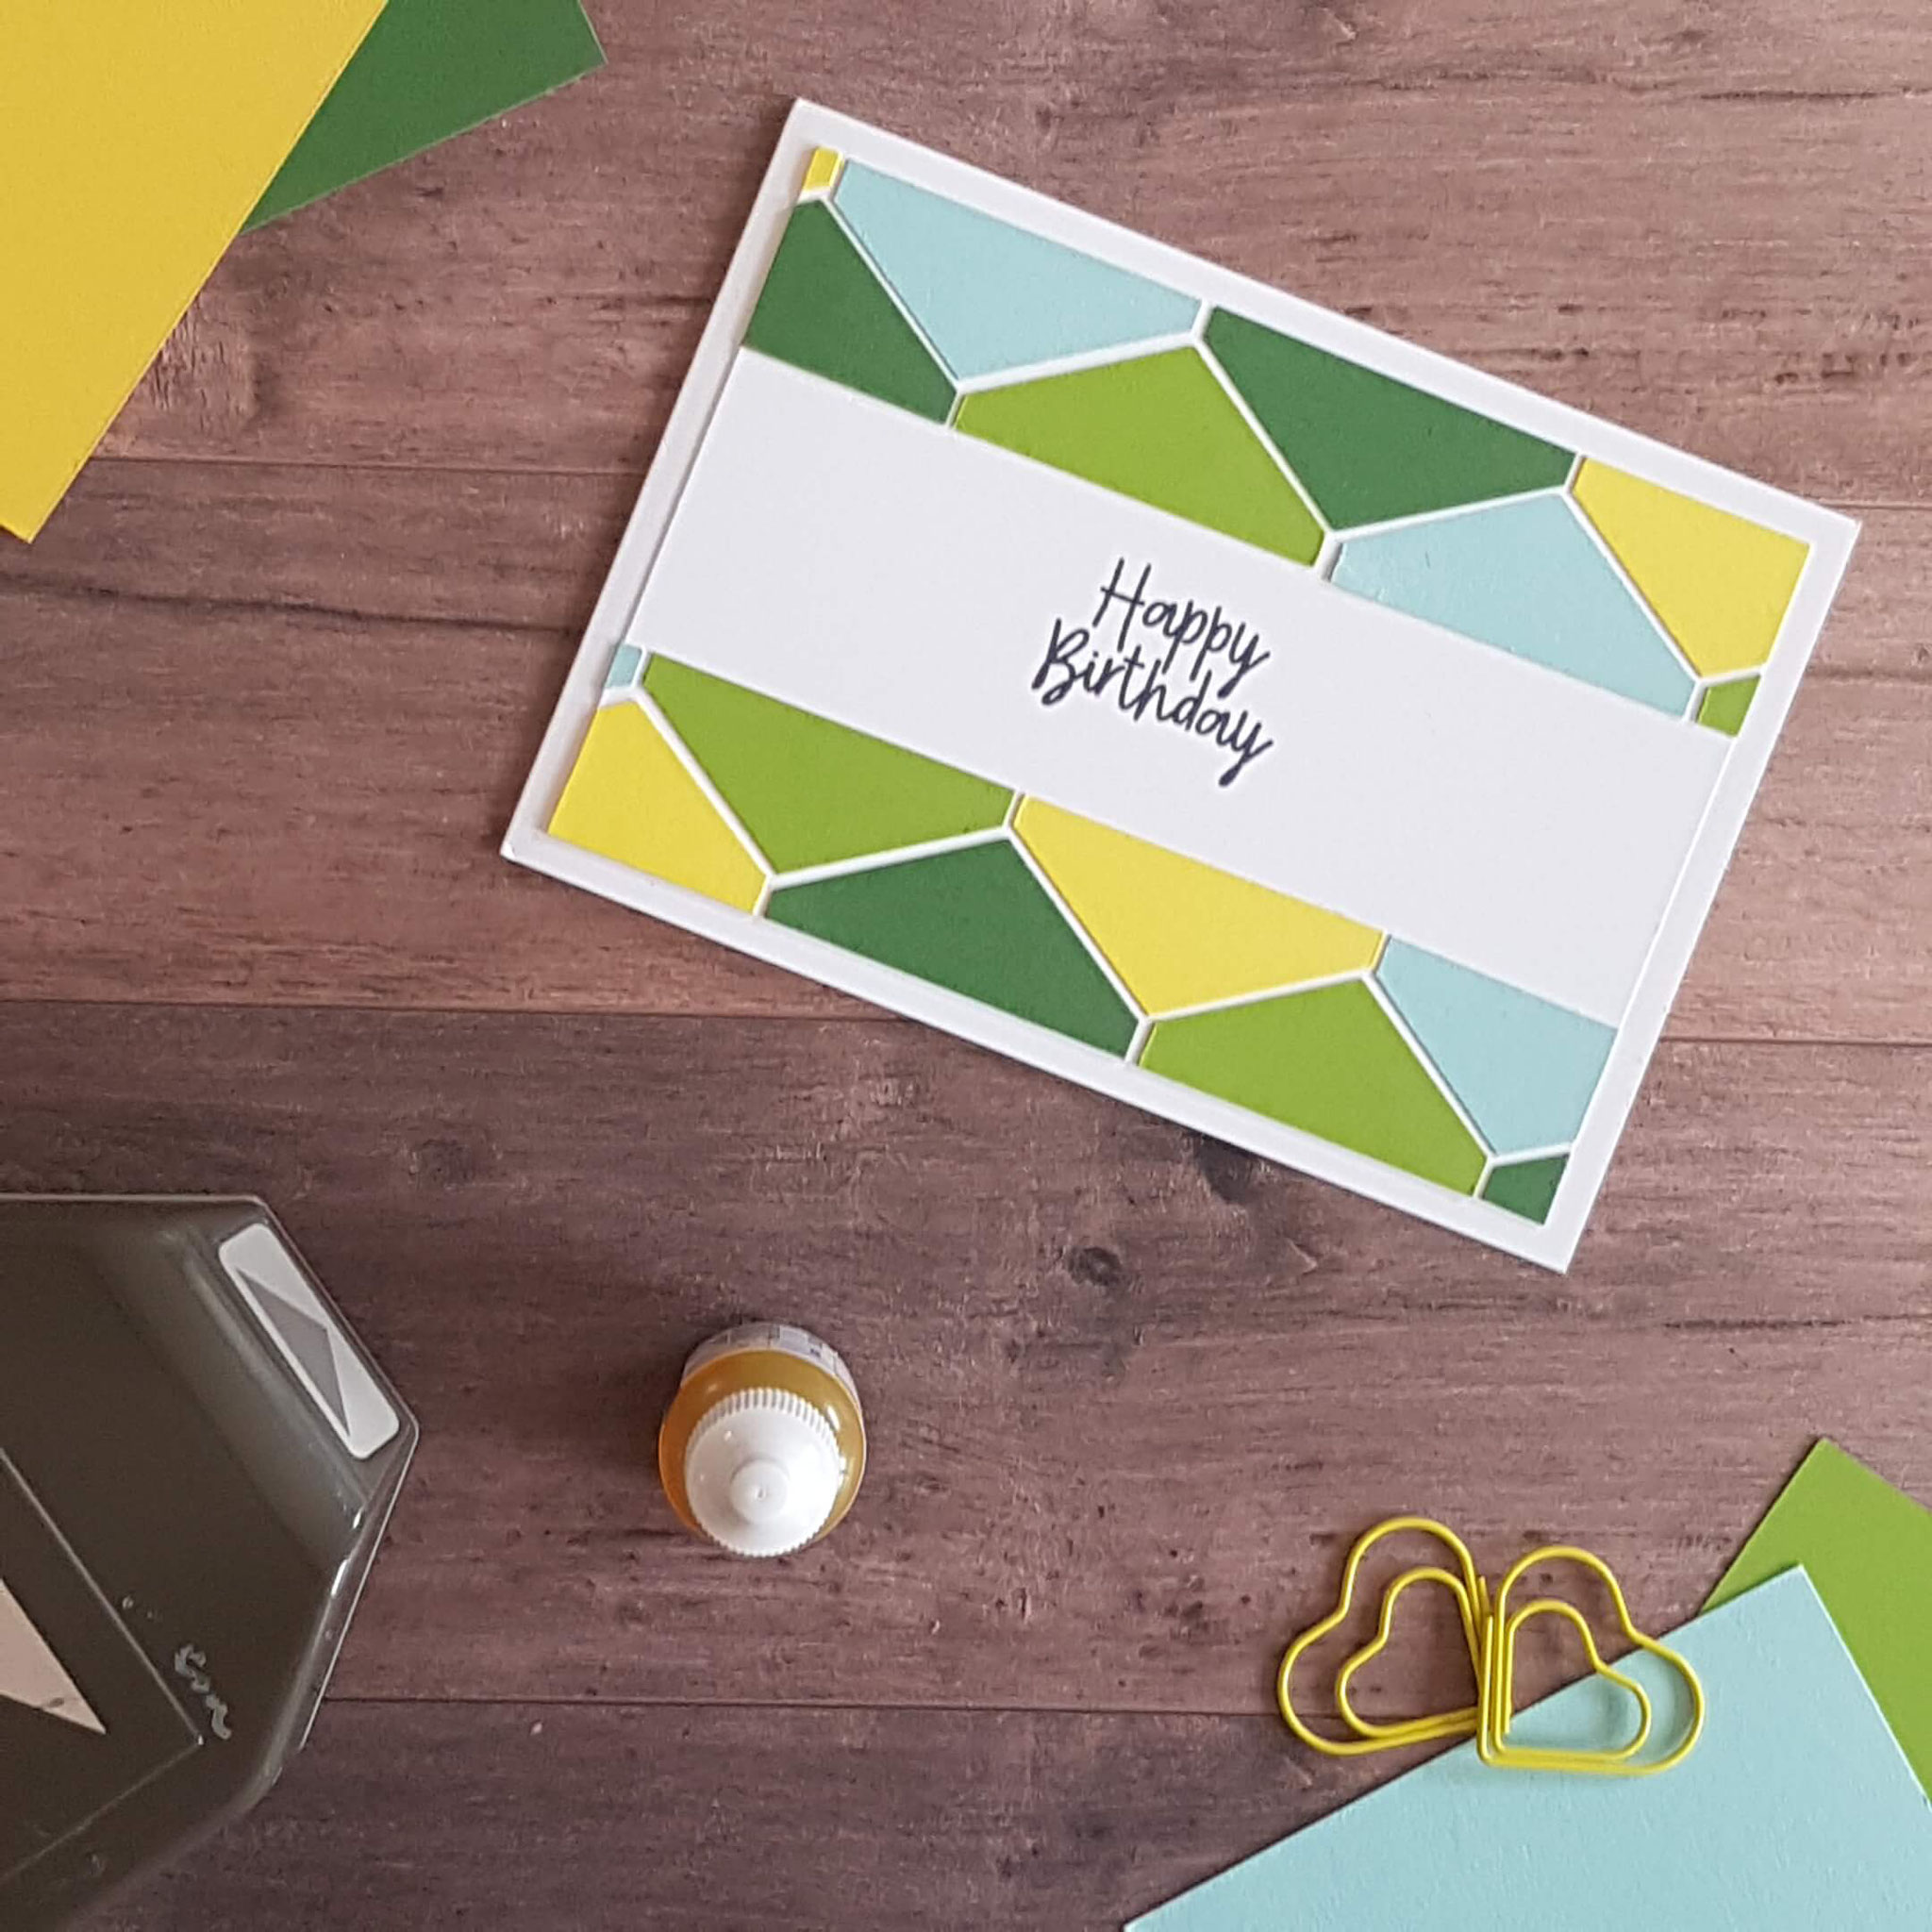 3. Hier habe ich das Muster des Geschenkpapiers aufgenommen - hergestellt mit der Fähnchenstanze (Abfallstücke) von Stampin' Up!